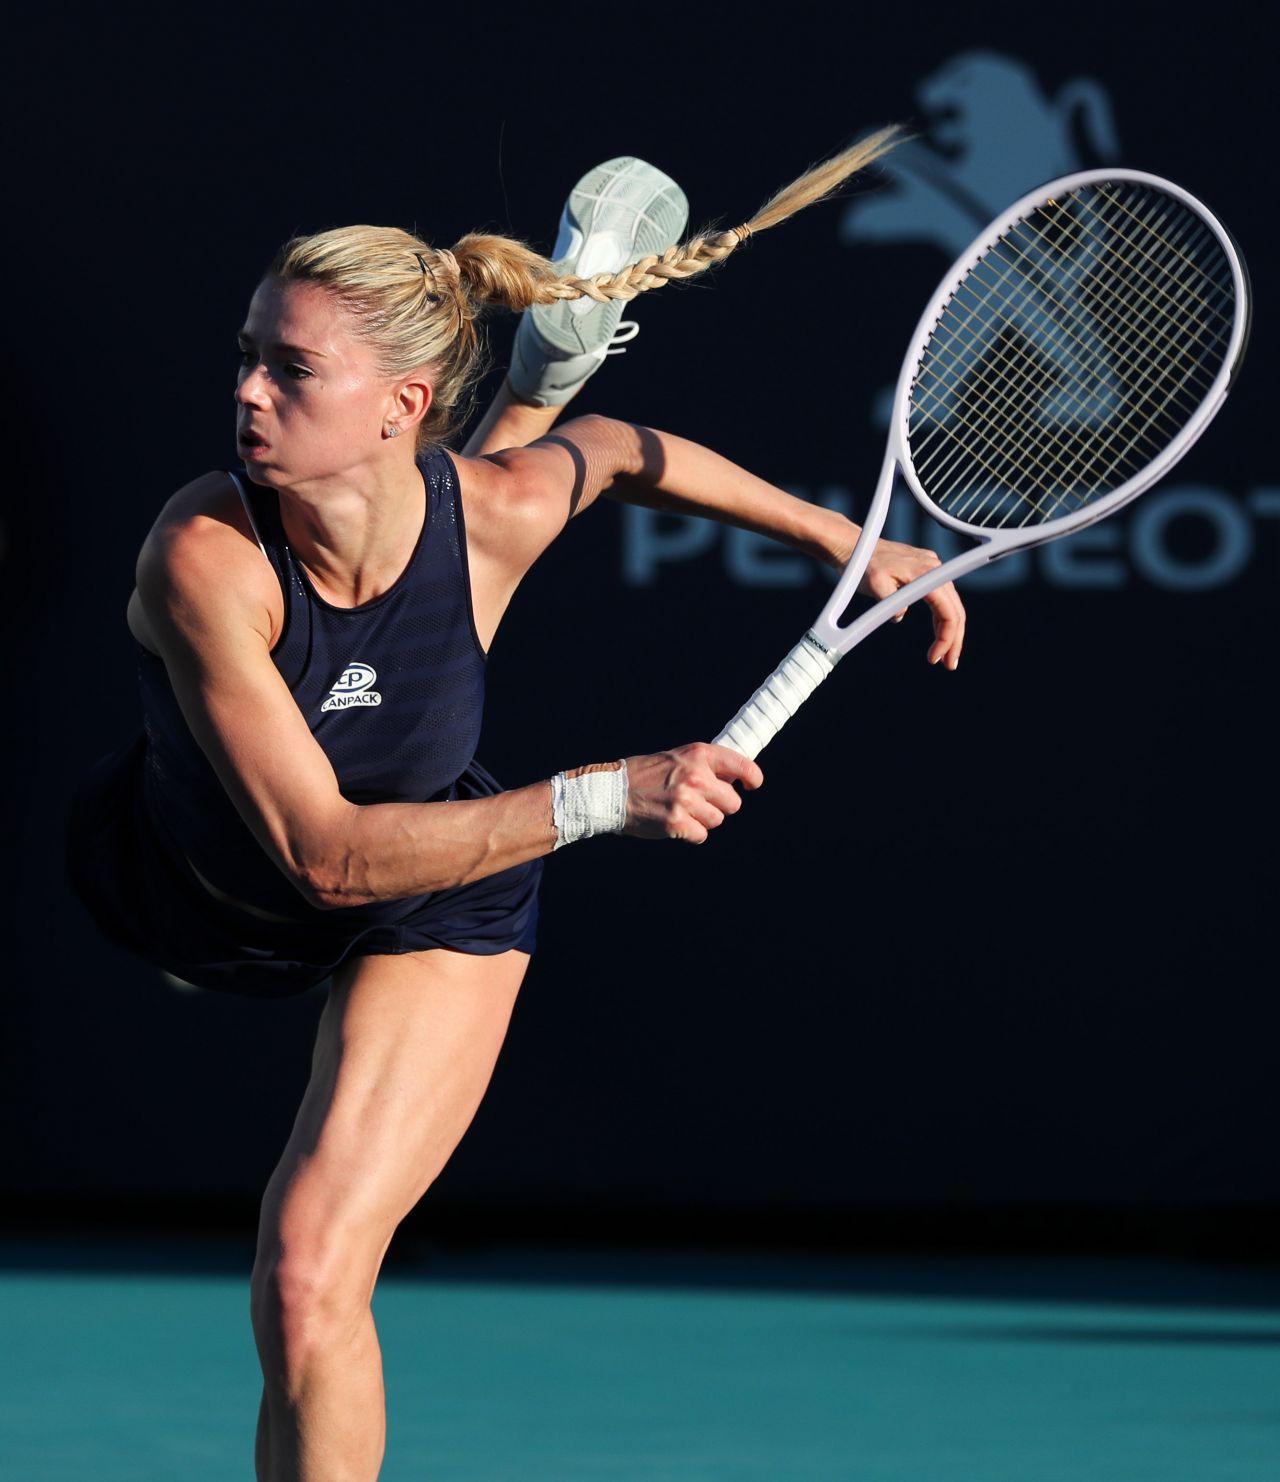 Camila Giorgi Miami Open Tennis Tournament 03 22 2019